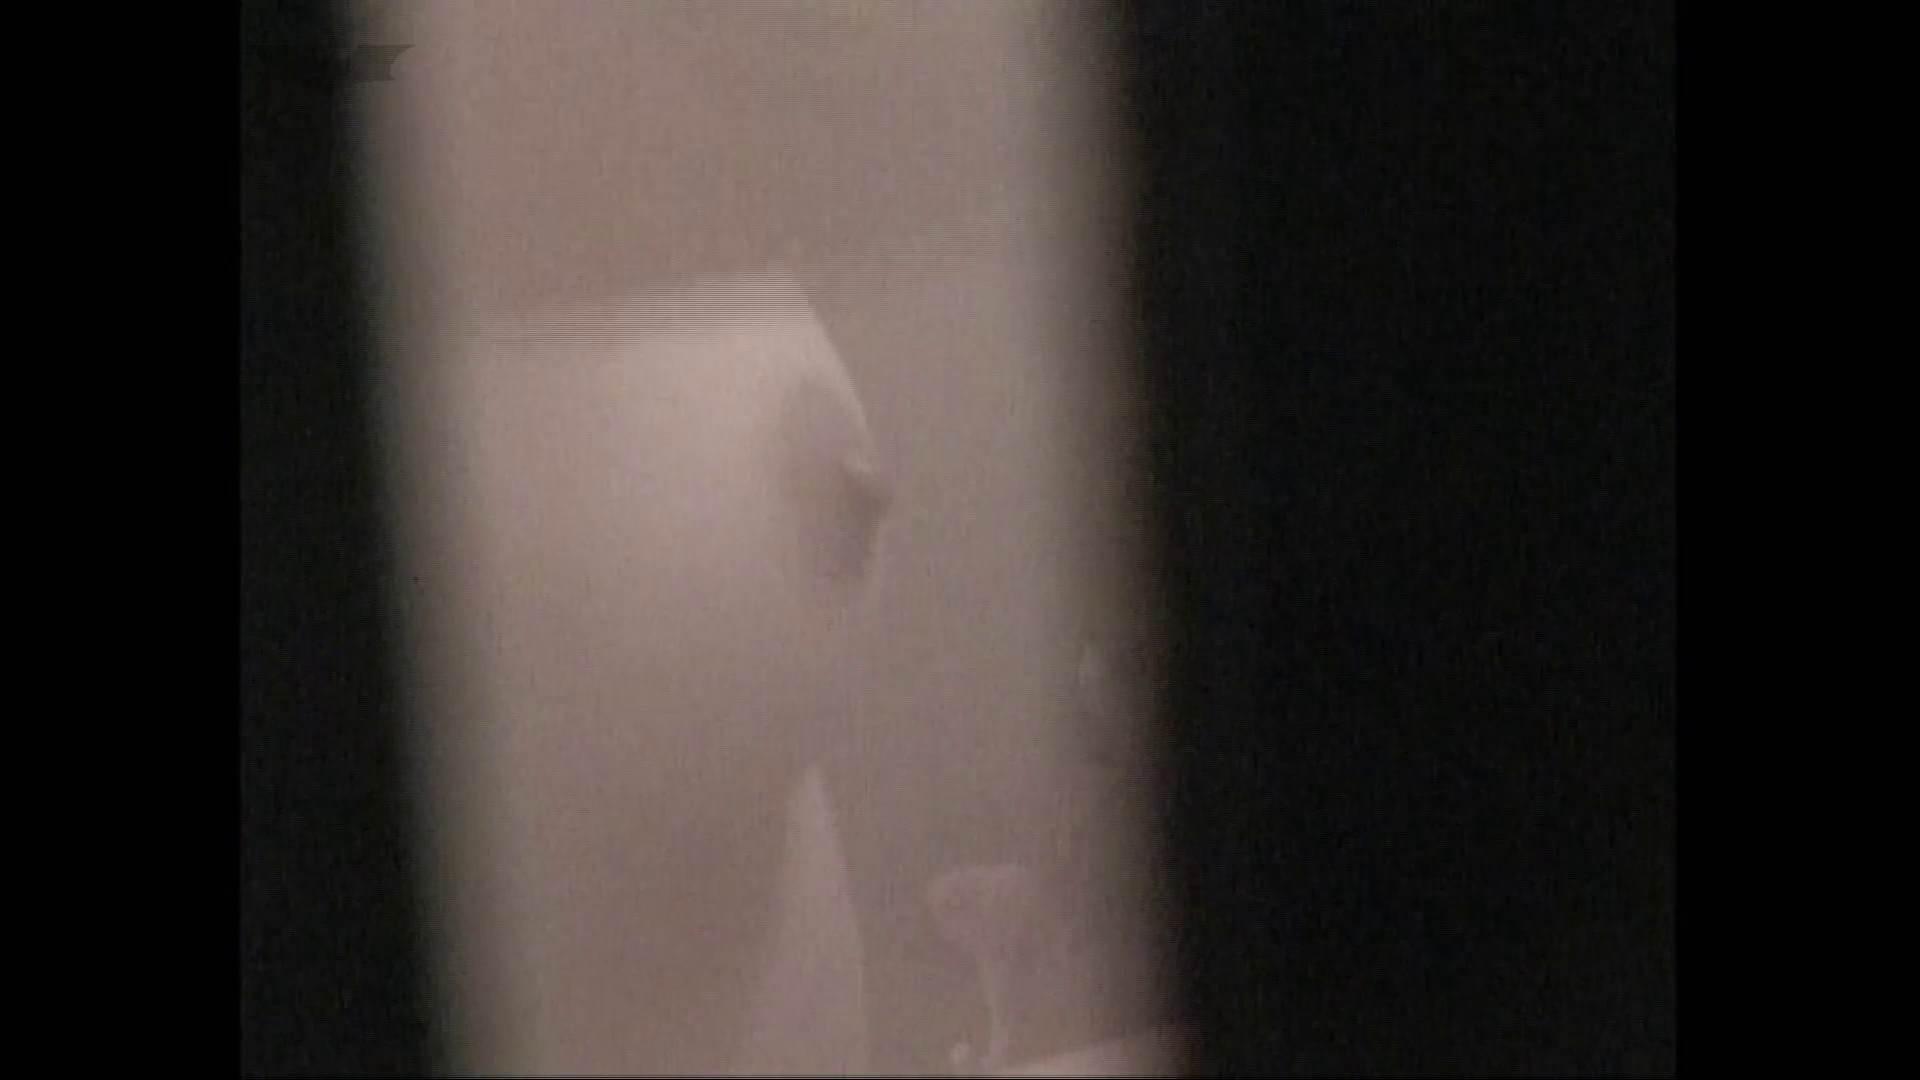 隙間からノゾク風呂 Vol.28 色白のロングヘアー美人がワシャワシャと。 OL   入浴シーン  53連発 13